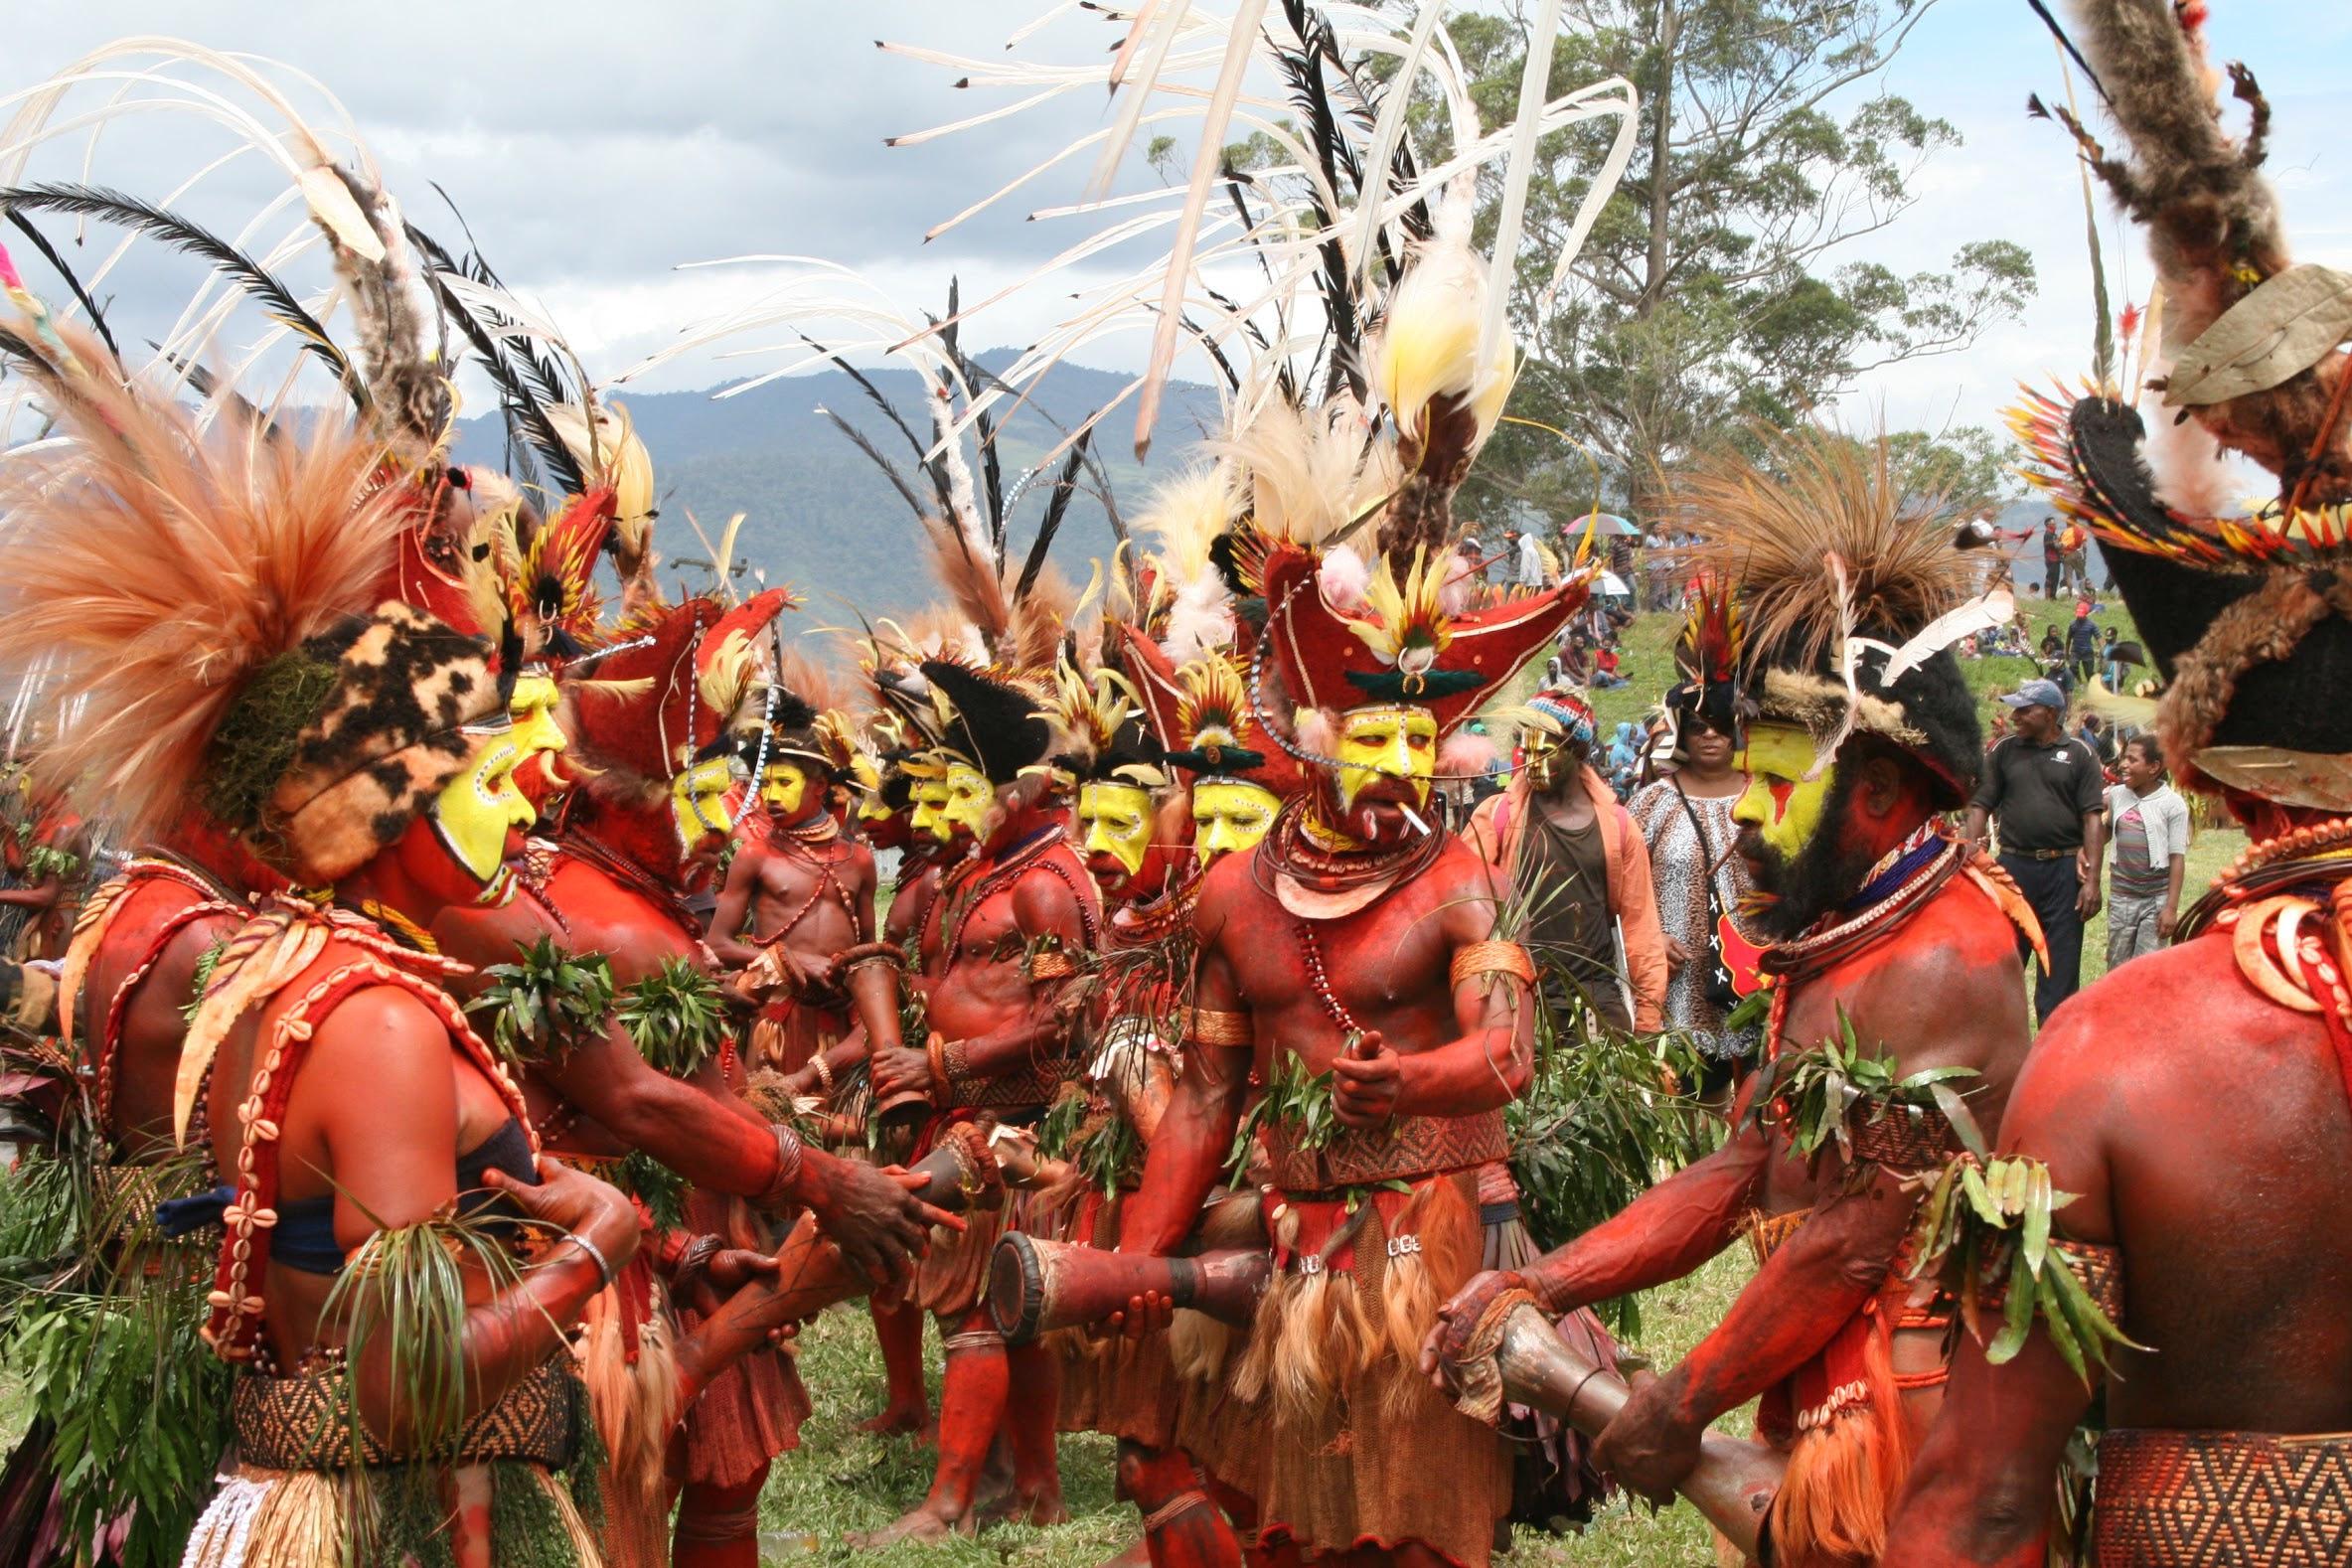 Exposició Música i natura a l'illa de Nova Guinea